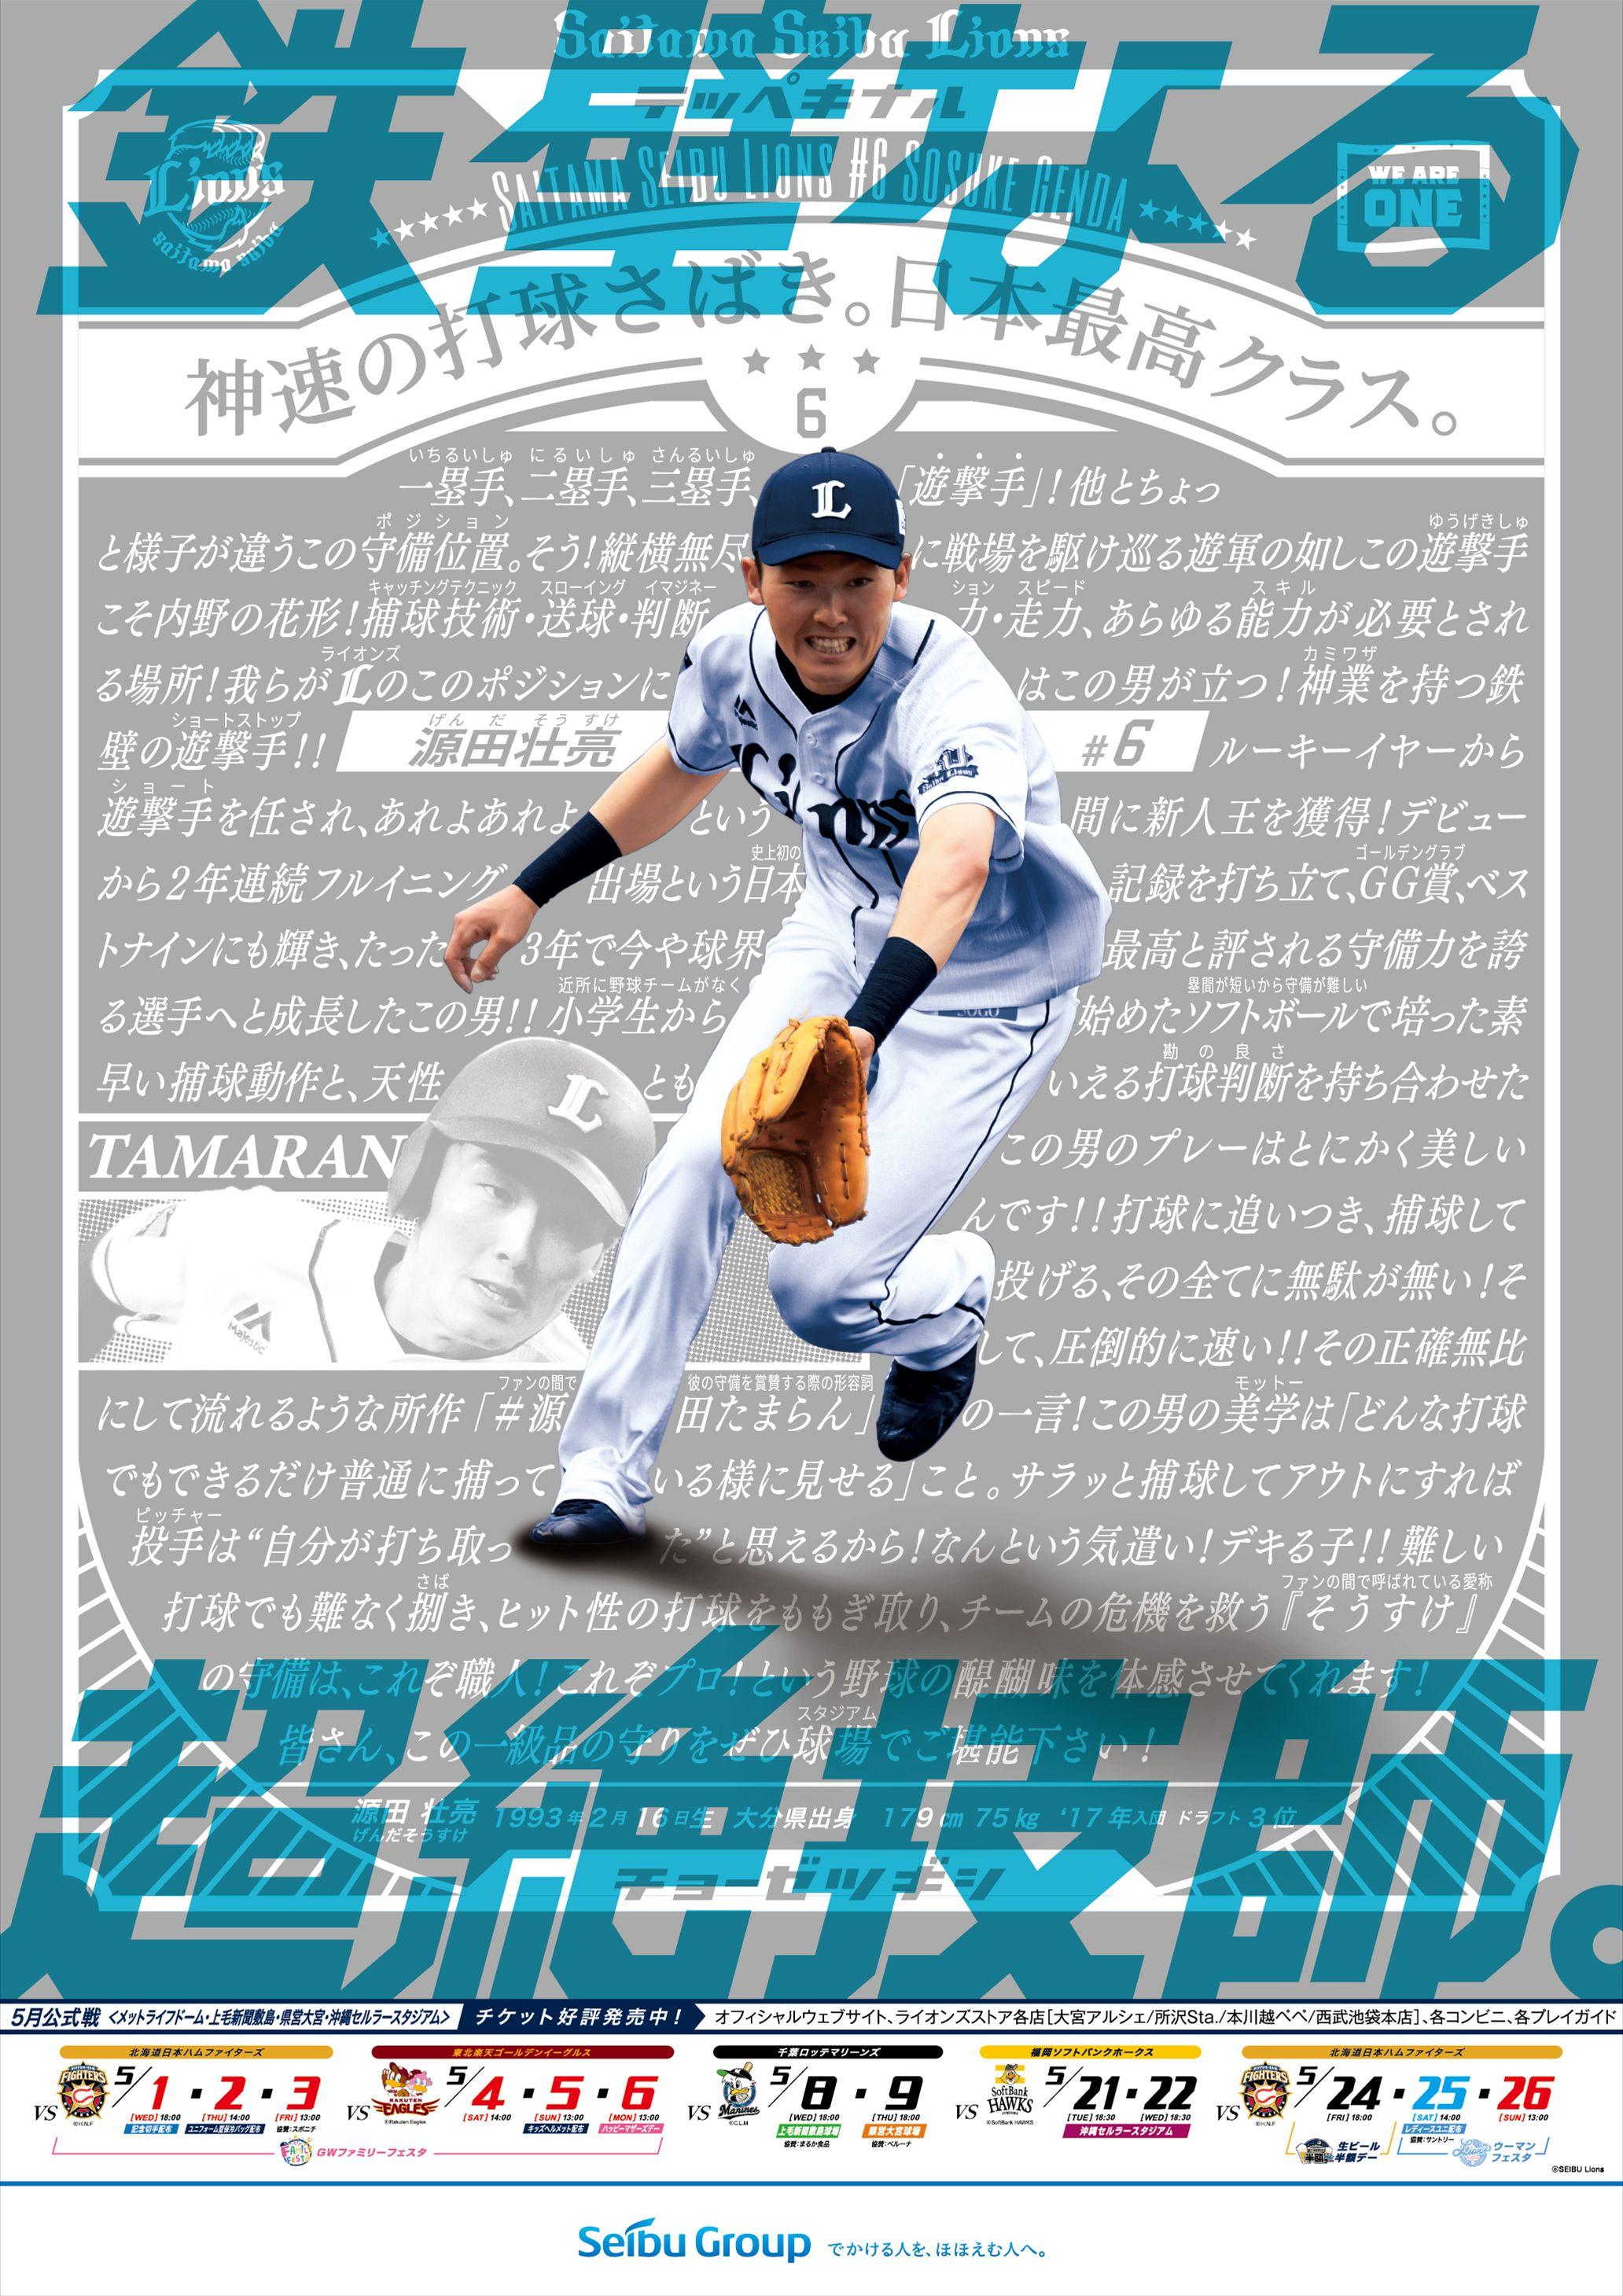 西武ライオンズ ポスター 2019 スポーツ ポスター ポスター スポーツデザイン